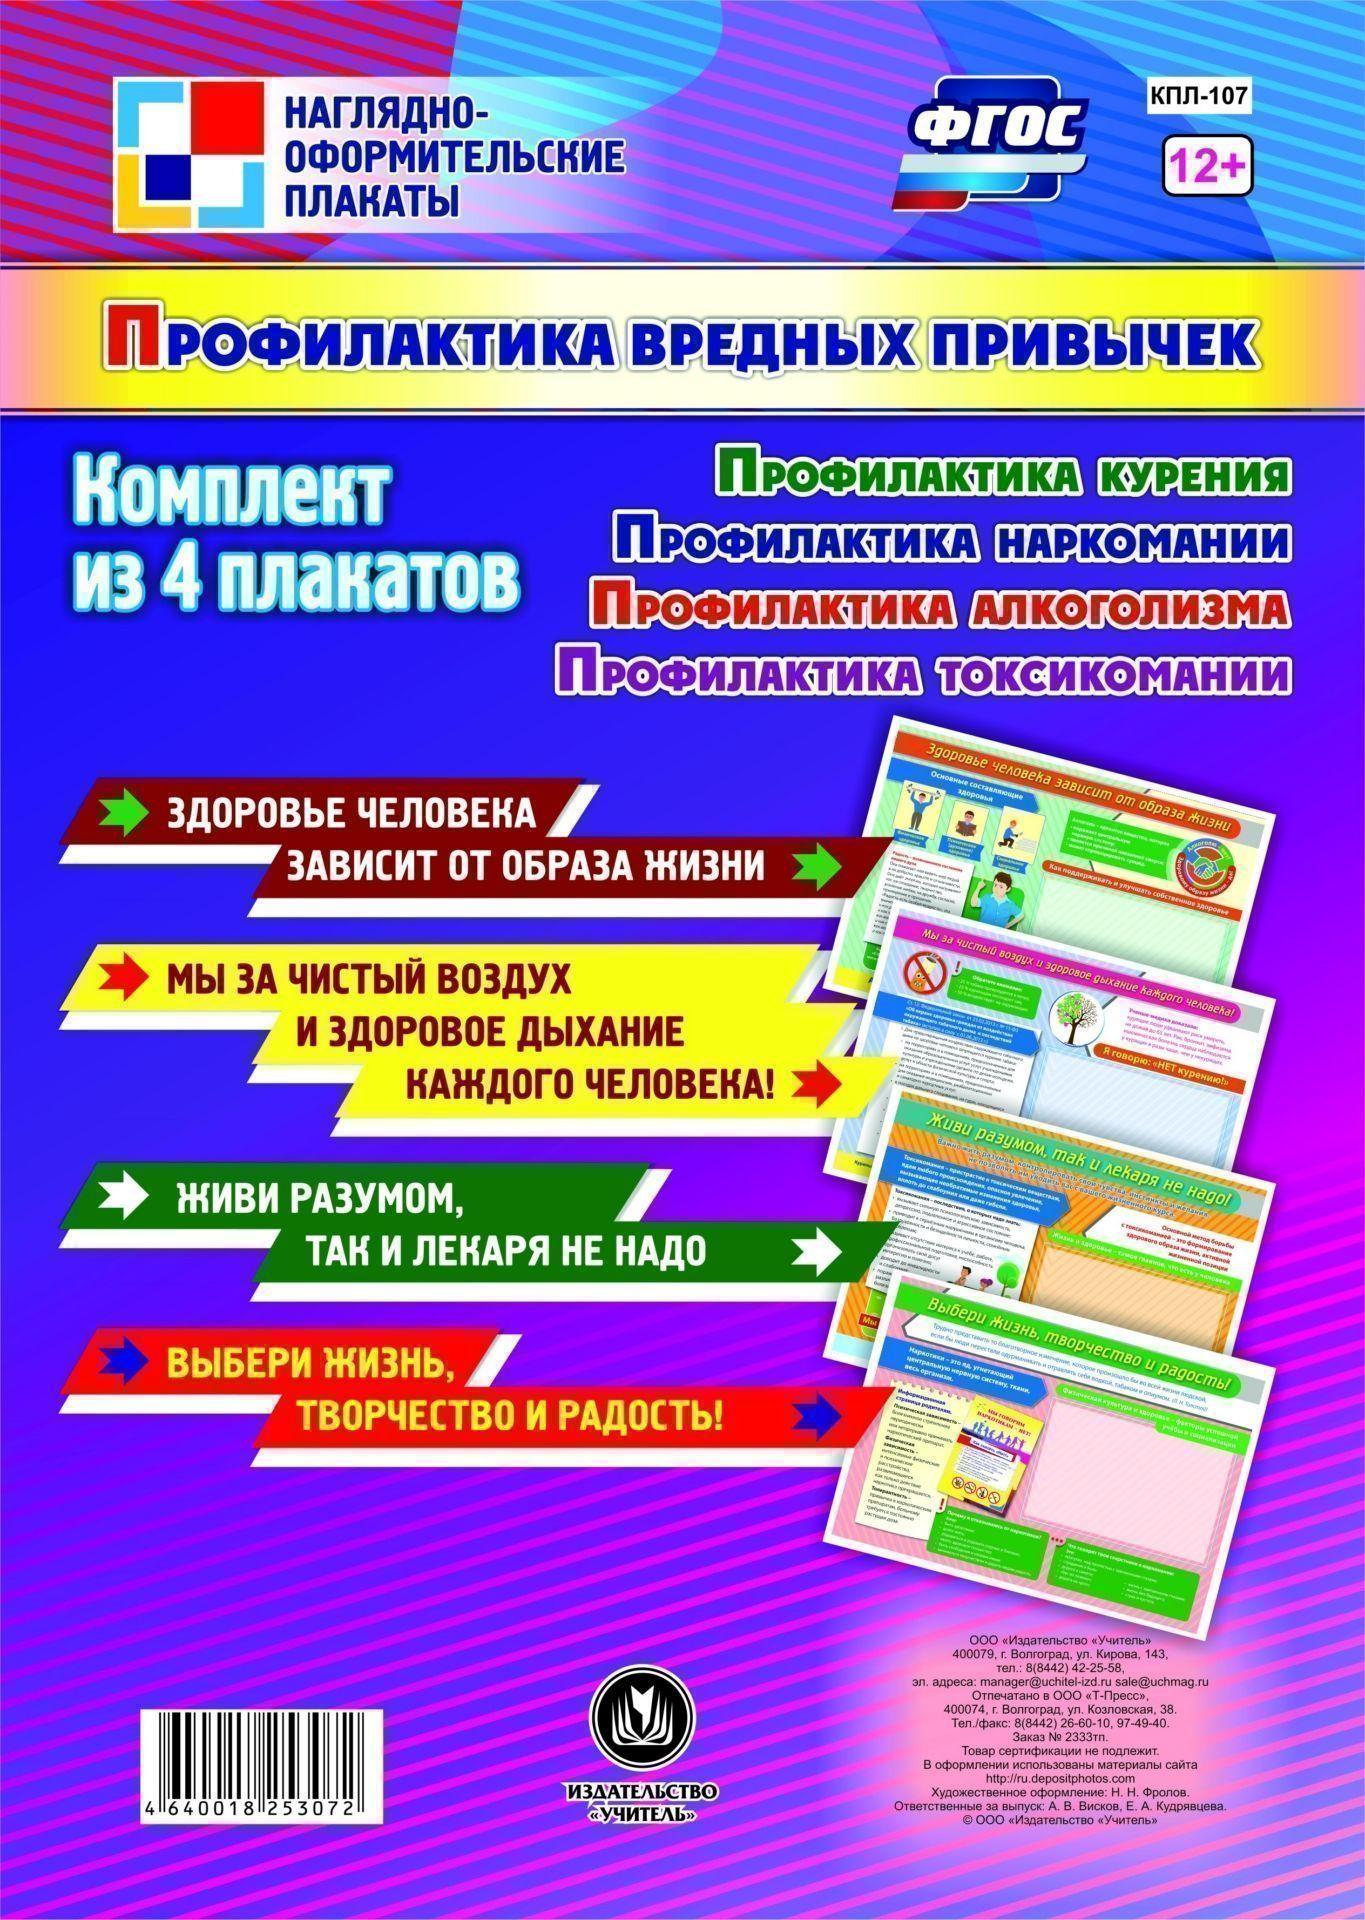 Комплект плакатов  Профилактика вредных привычек: 4 плакатаТематические плакаты<br>.<br><br>Год: 2017<br>Серия: Наглядно-оформительские плакаты<br>Высота: 594<br>Ширина: 420<br>Переплёт: набор